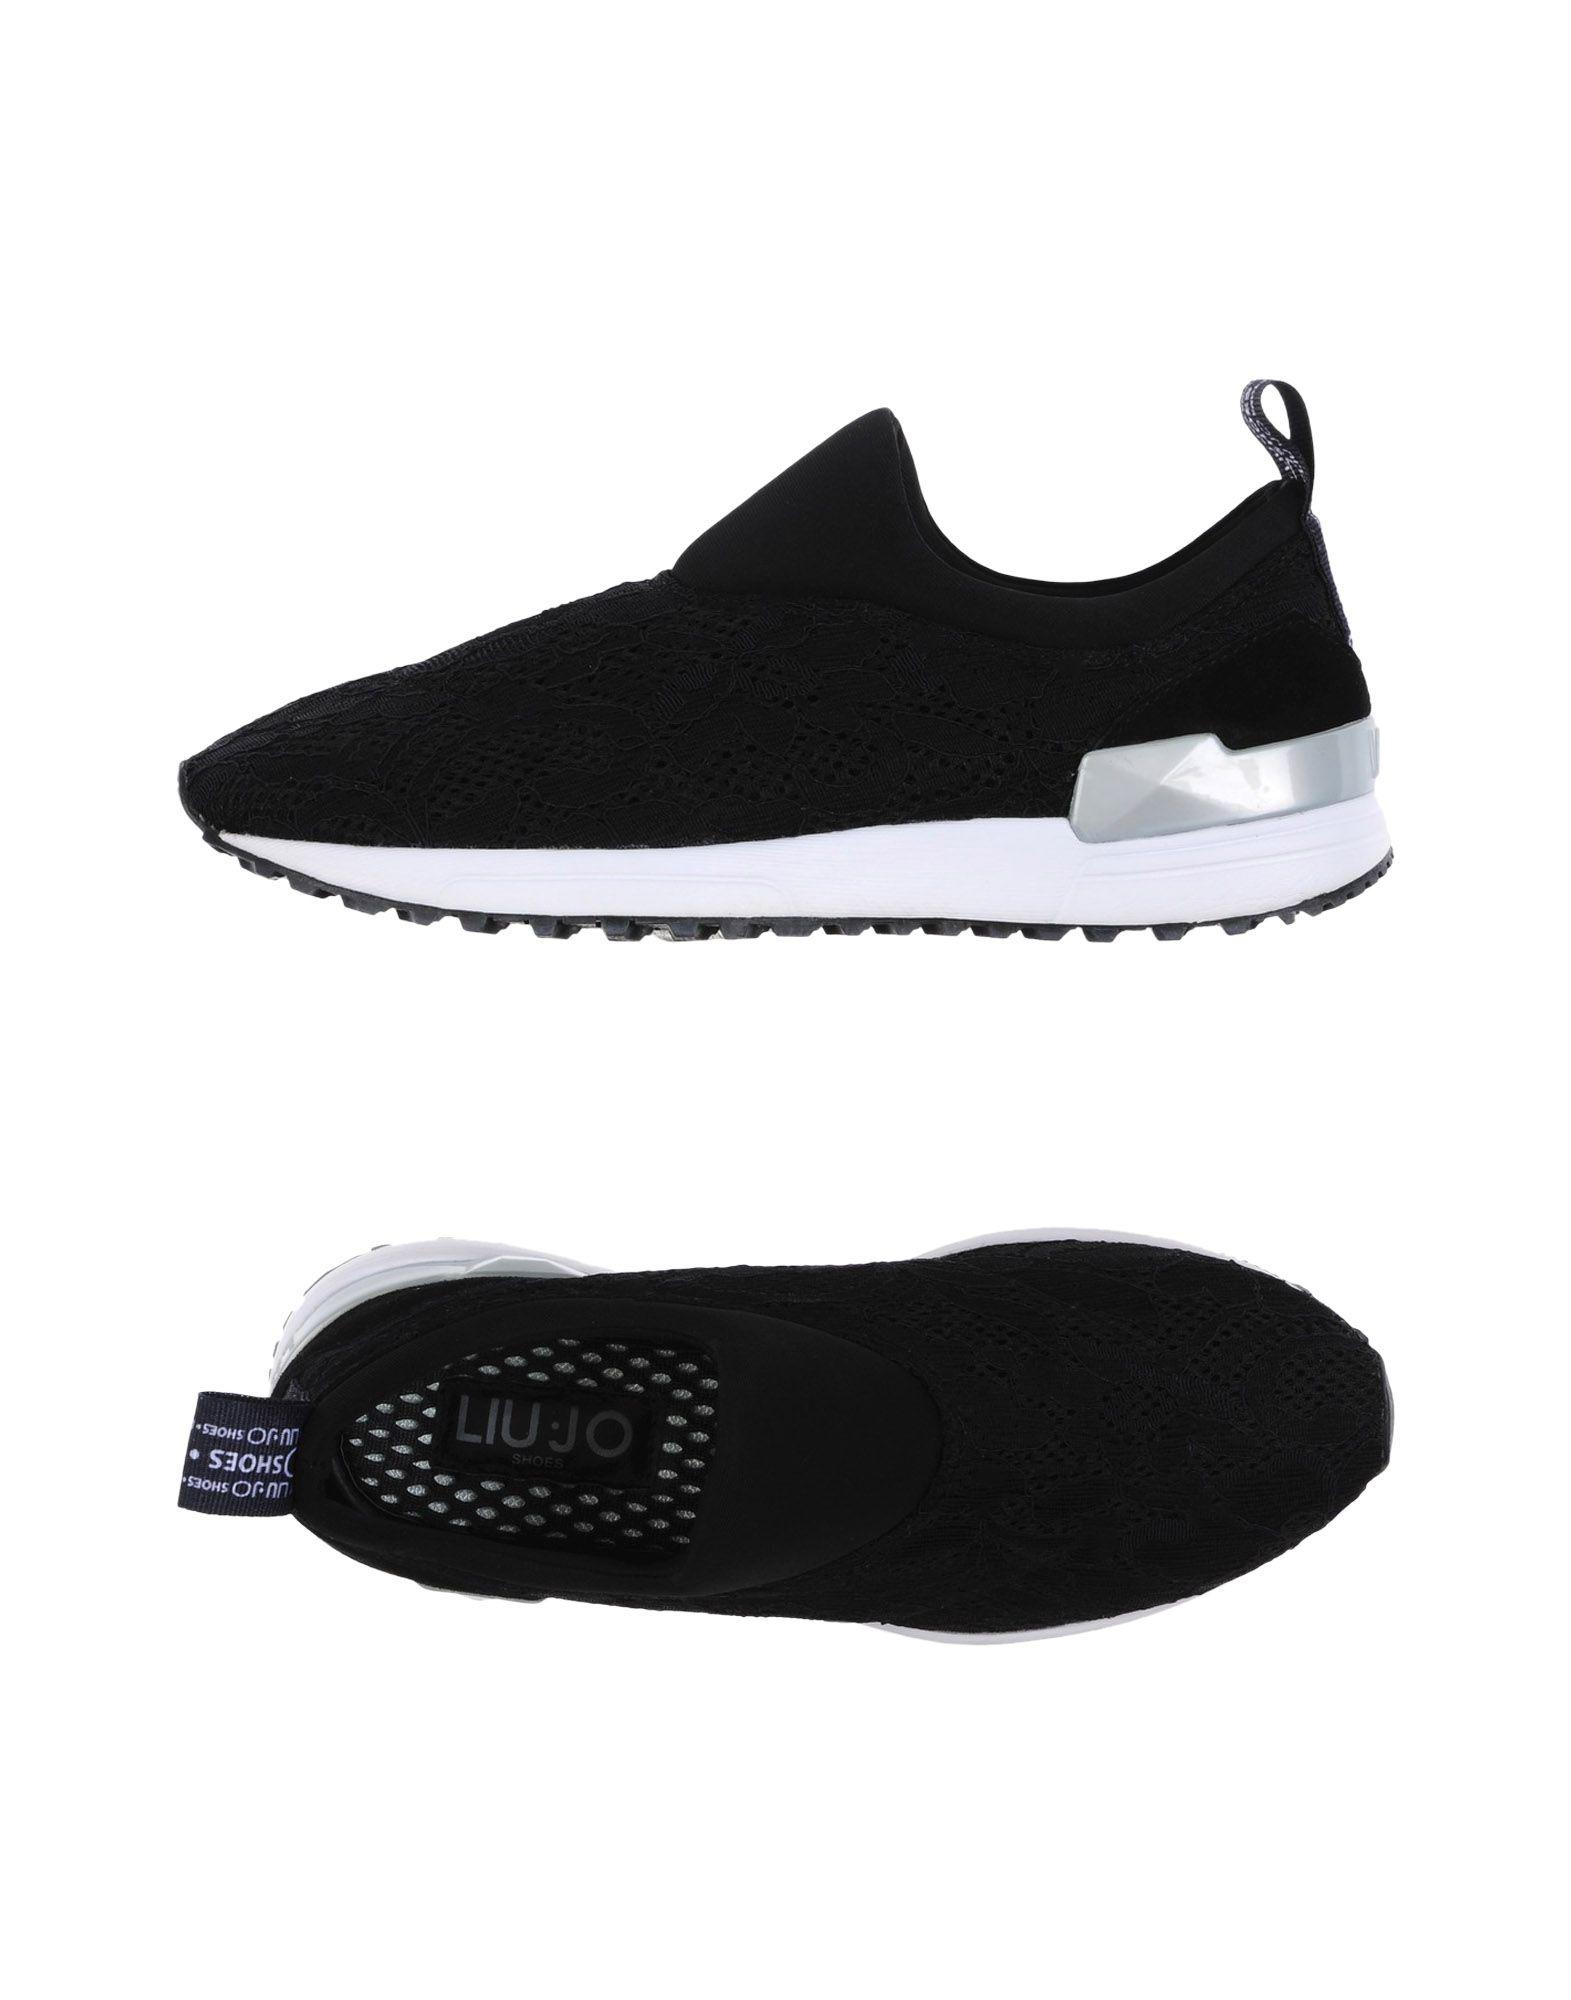 Liu •Jo Shoes Sneakers Damen  11281594JE Gute Qualität beliebte Schuhe